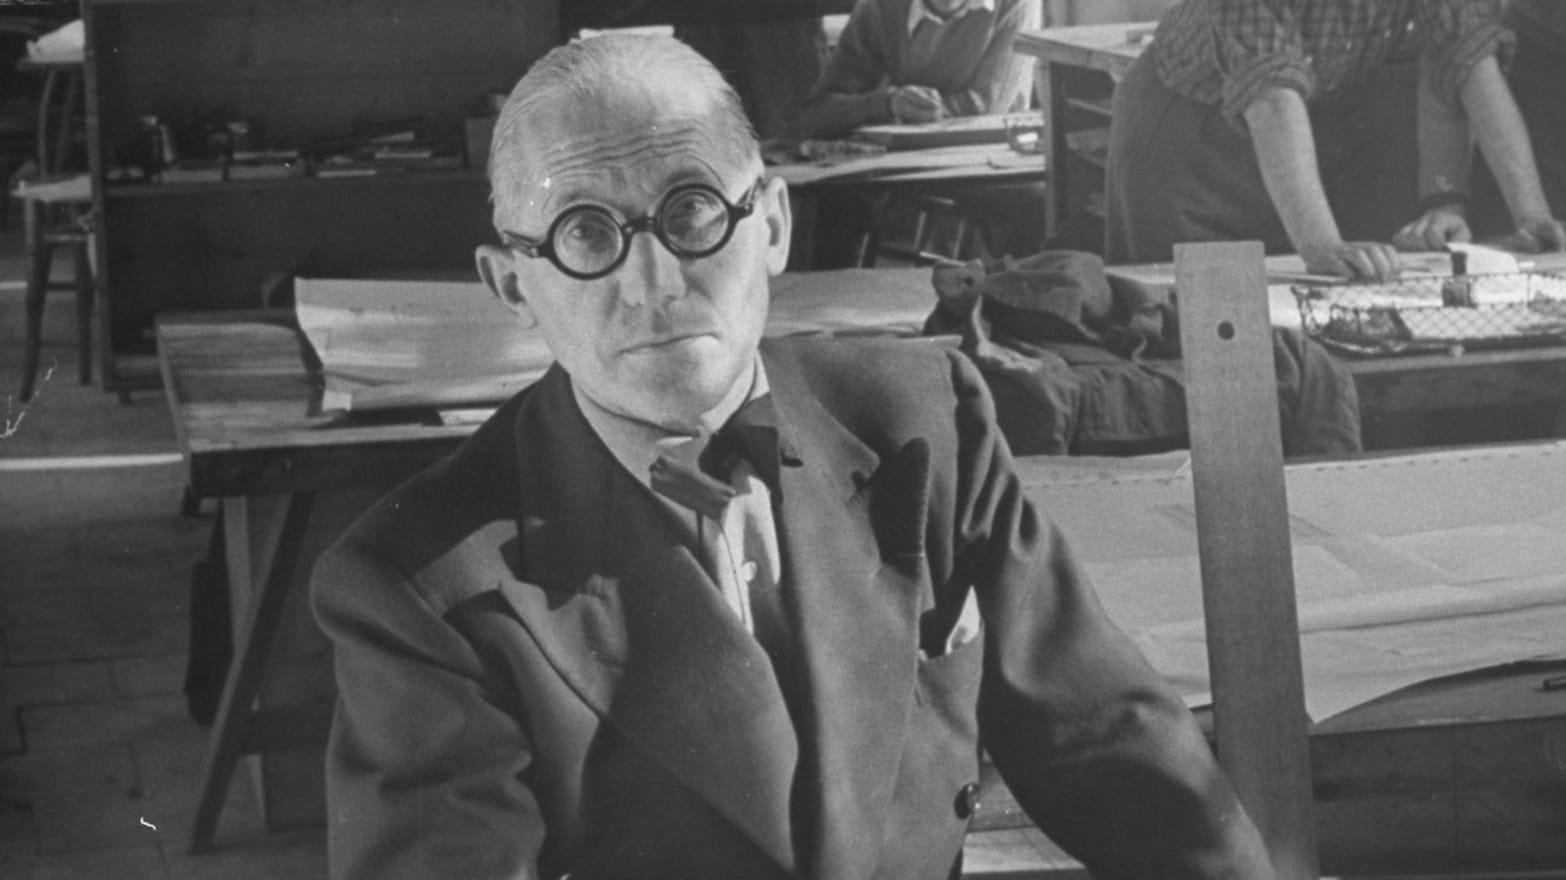 Le Corbusier's Plan To Overhaul Paris